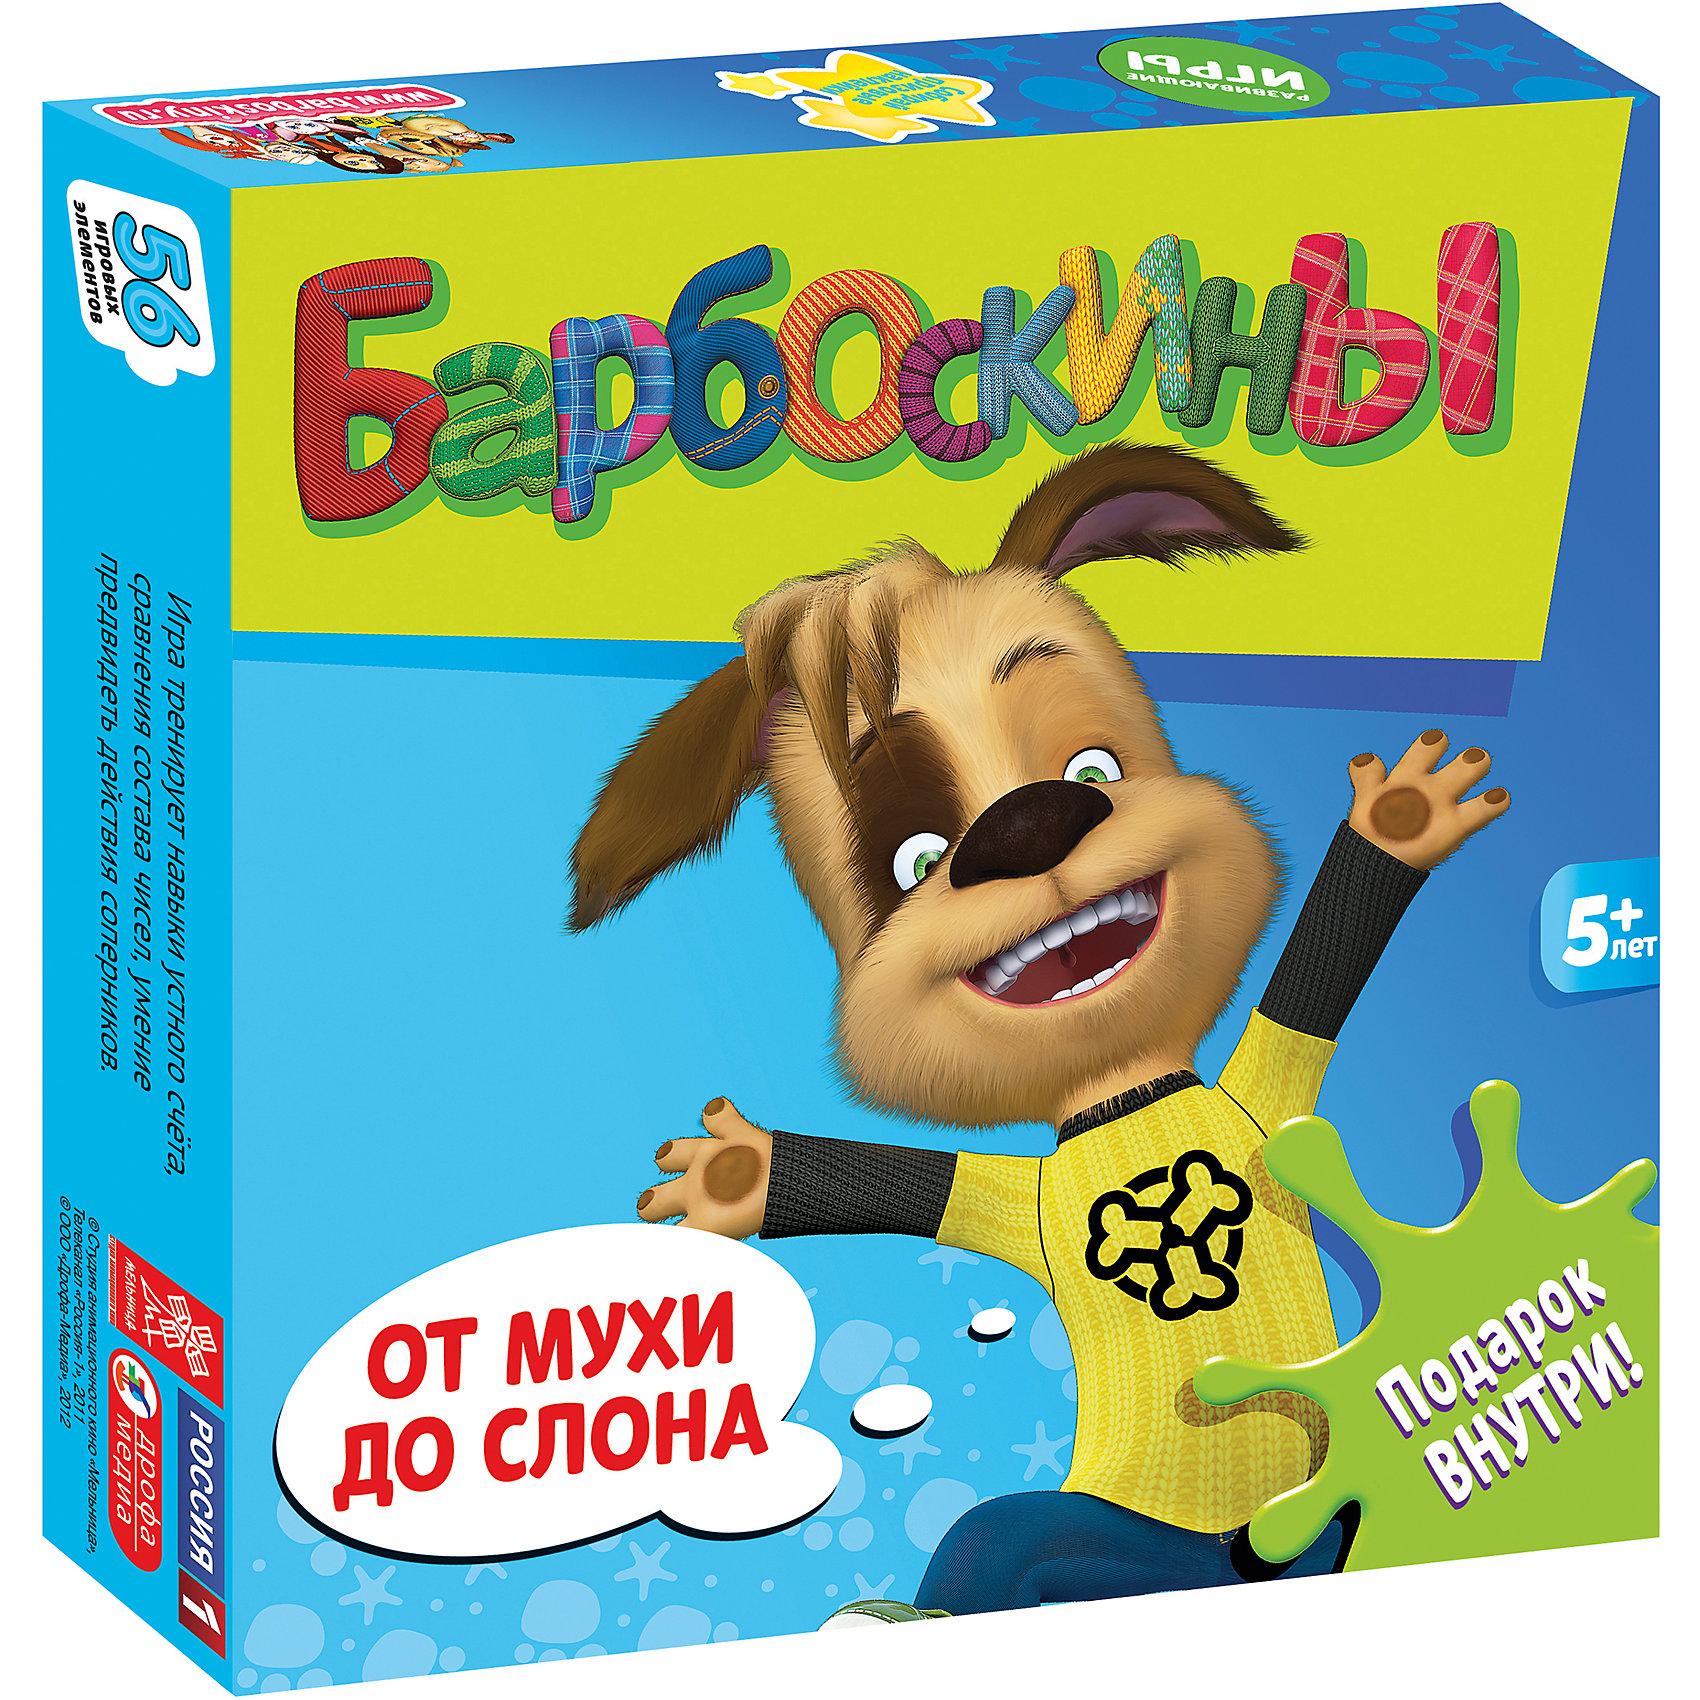 Игра От мухи до слона, БарбоскиныИгра От мухи до слона, Барбоскины - веселая увлекательная игра с любимыми героями, в которую можно играть всей семьей. Барбоскины - это большое семейство собак из популярного мультсериала Барбоскины, где у каждого персонажа свой характер и особенности. В наборе 56 игровых элементов в виде карточек разной формы с красочными картинками. Участники могут выбрать один из четырех вариантов игры: пары, цепочки, десяточка, больше-меньше. Игра тренирует навыки устного счета, сравнения состава чисел, умение предвидеть действия соперников. В комплект также входит подарок - набор наклеек с главными героями мультфильма.<br><br>Дополнительная информация:<br><br>- Серия: Барбоскины. Мини-игры.<br>- В комплекте: 56 элементов, набор наклеек с главными героями мультфильма.<br>- Материал: бумага, картон.<br>- Размер упаковки: 19 x 20 x 3,1 см.<br>- Вес: 0,186 кг.<br><br>Игру От мухи до слона, можно купить в нашем интернет-магазине.<br><br>Ширина мм: 200<br>Глубина мм: 31<br>Высота мм: 190<br>Вес г: 200<br>Возраст от месяцев: 60<br>Возраст до месяцев: 120<br>Пол: Унисекс<br>Возраст: Детский<br>SKU: 3998677